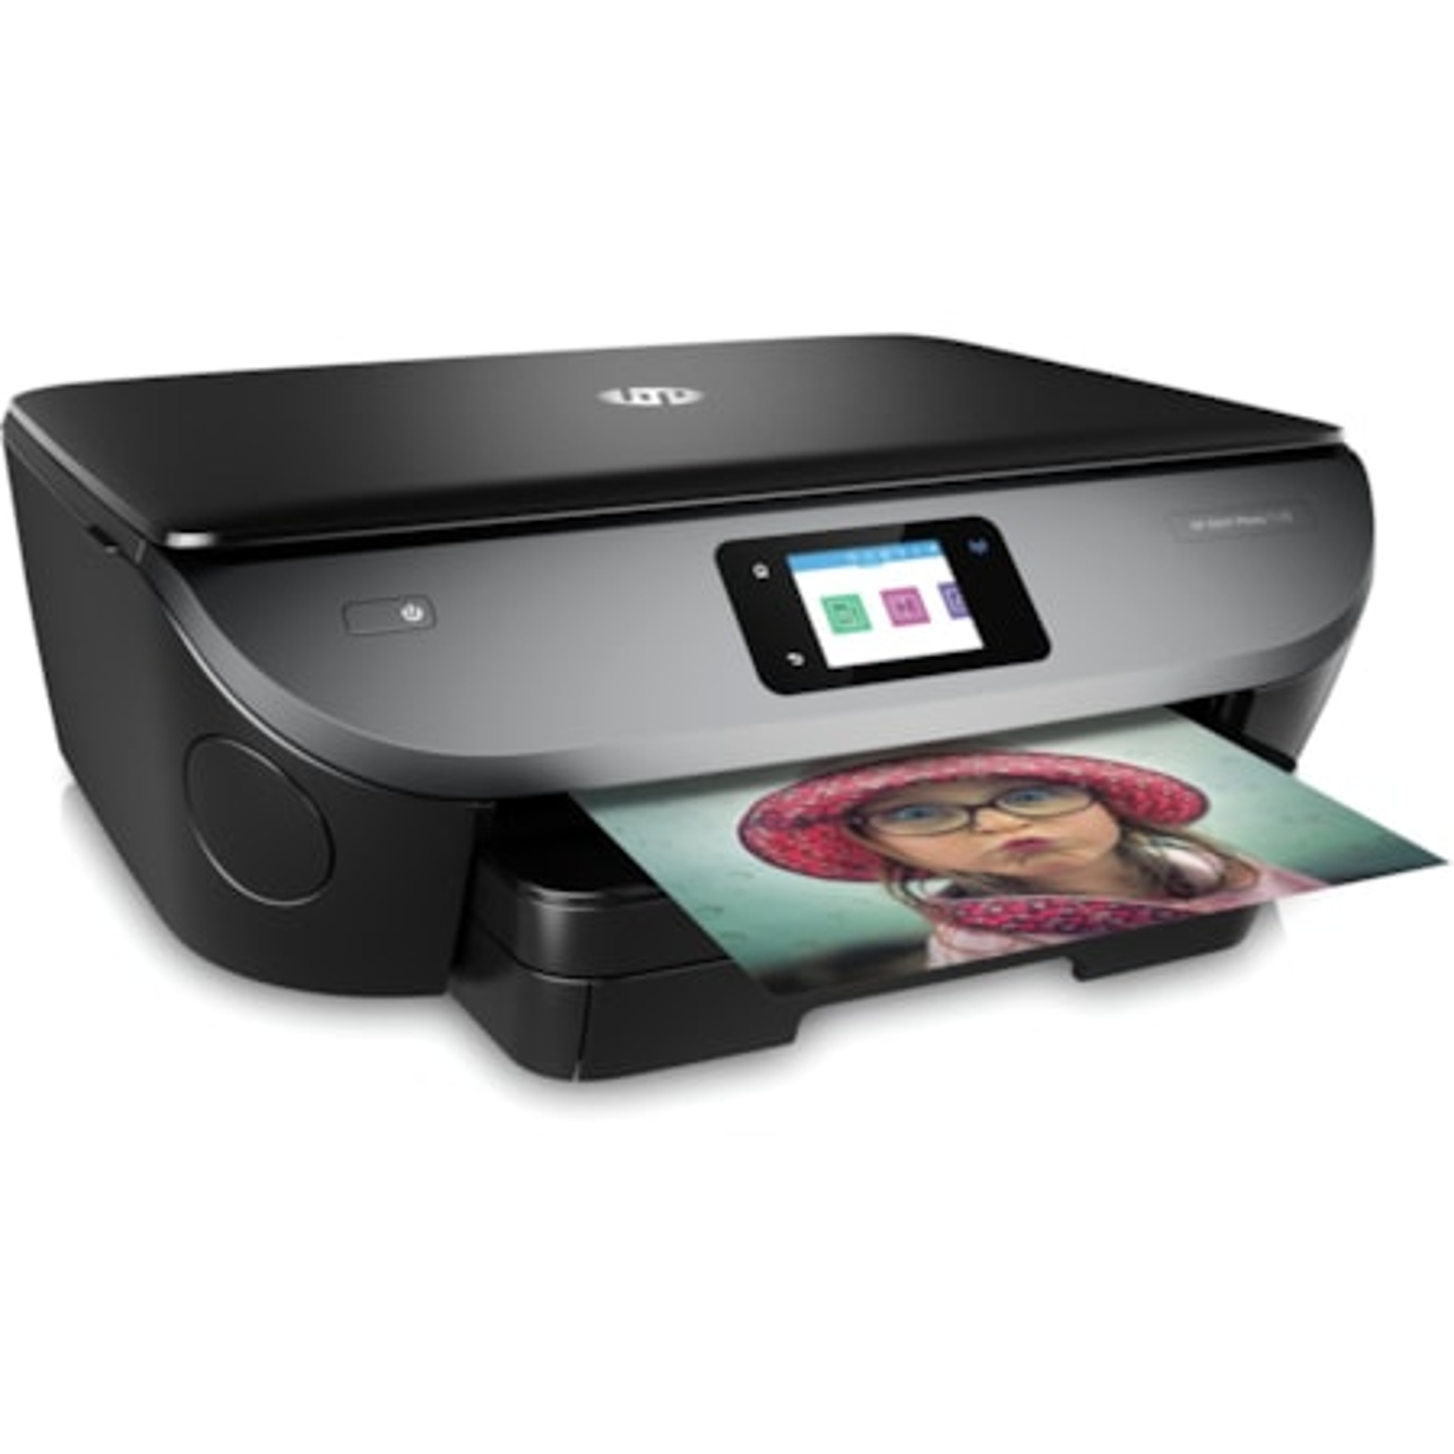 HP Envy 7120 Inkjet Multifunction Printer - Colour